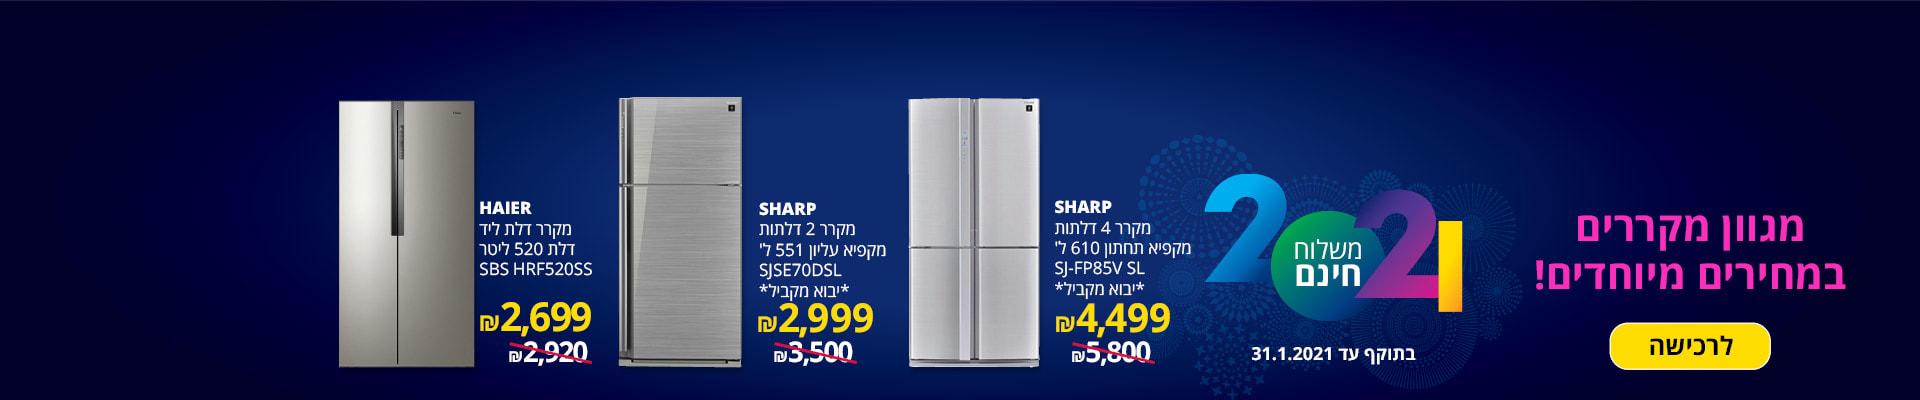 מגוון קררים במחירים מיוחדים ! SHARP מקרר 4 דלתות מקפיא תחתון 610 ל'יבוא מקביל 4499 ₪, SHARP מקרר 2 דלתות מקפיא עליון 551 ל'יבוא מקביל 2999 ₪, HAIER מקרר  520 ליטר  2699 ₪ משלוח חינם. בתוקף עד 31.1.2021